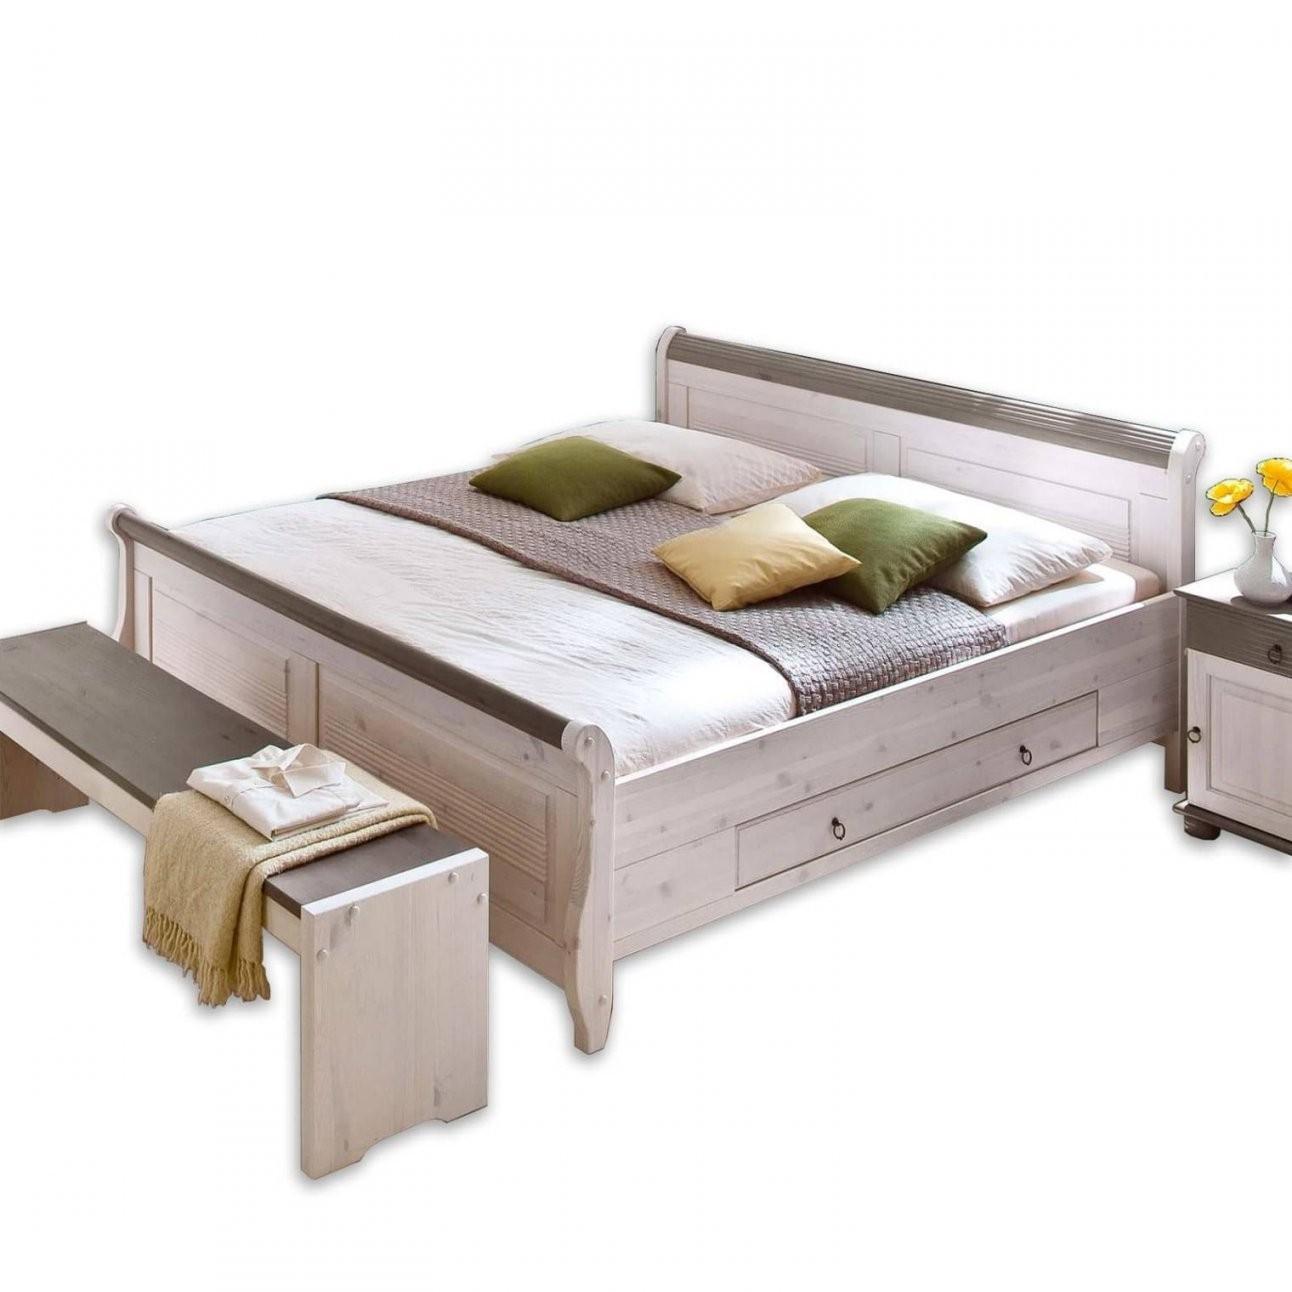 Matratzen Bei Roller Inspirierend Bett 120×200 Roller Luxus Beste von Roller Betten 120X200 Photo